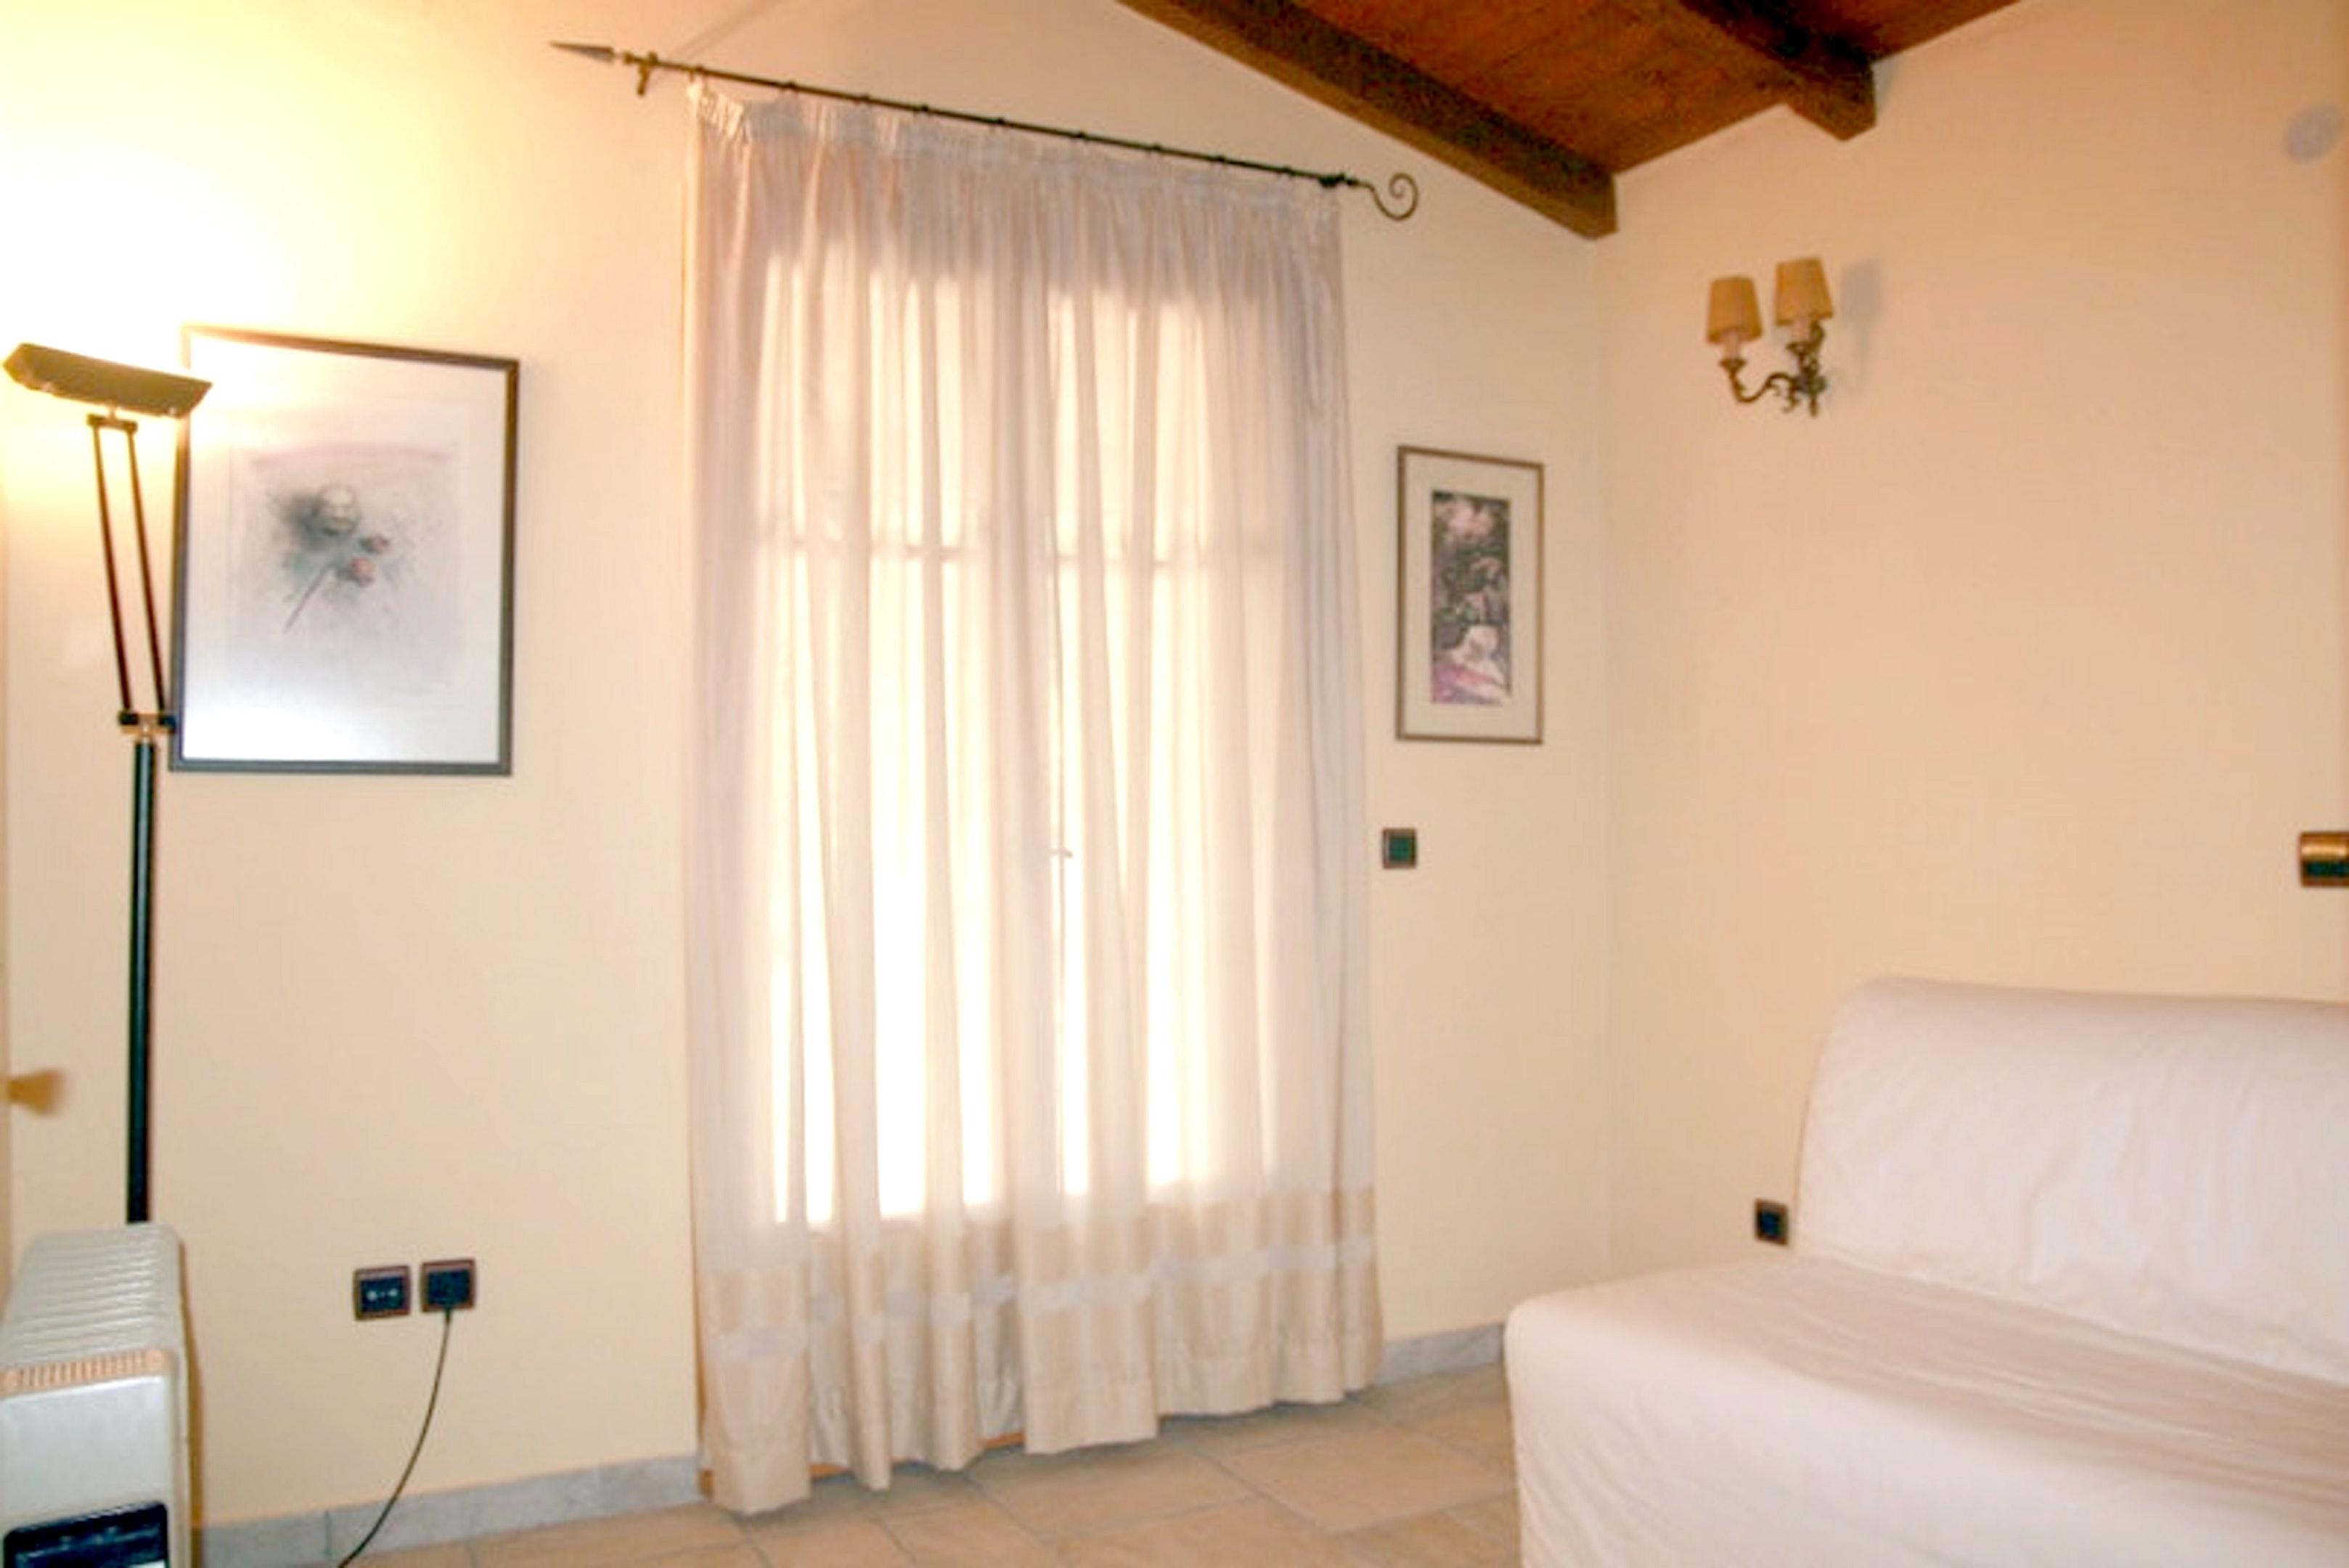 Maison de vacances Haus mit 2 Schlafzimmern in Corfou mit toller Aussicht auf die Berge (2202447), Moraitika, Corfou, Iles Ioniennes, Grèce, image 8